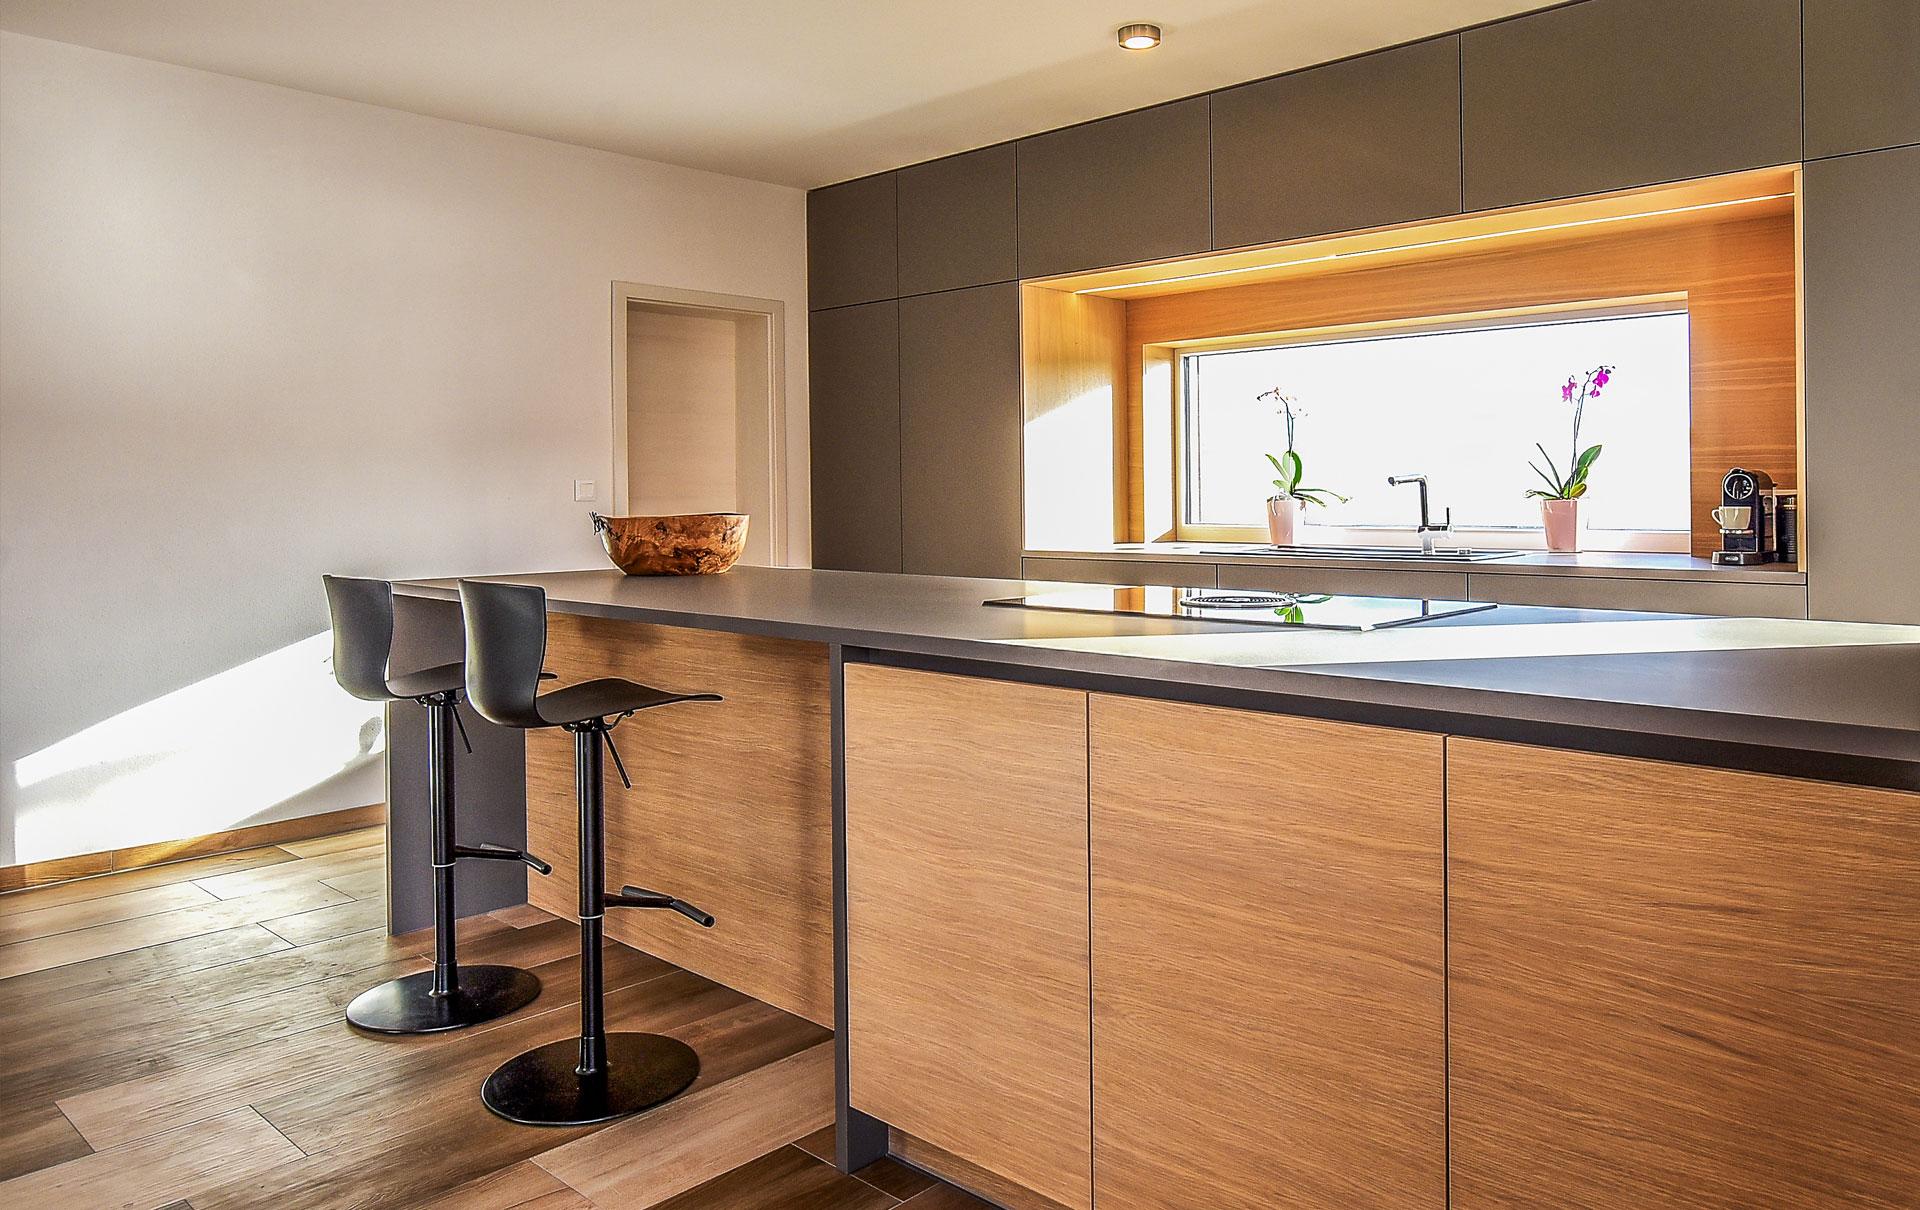 Küche mit Sitzgelegenheit am Kochfeld von Tino Skuthan, Schreinerei ...